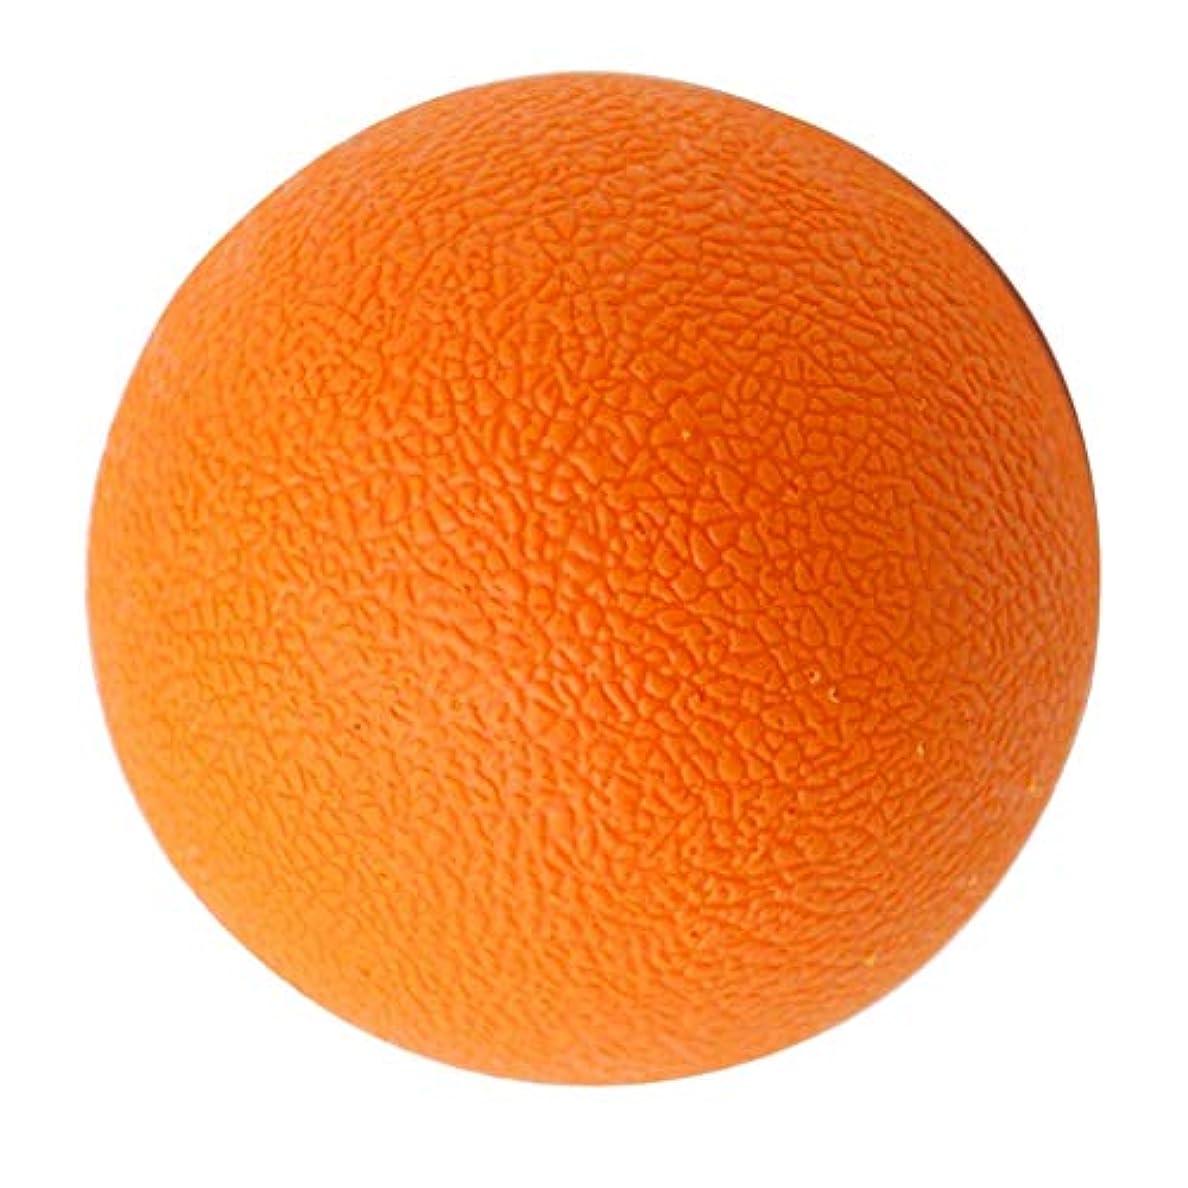 ずっと書く純粋なラクロスボール マッサージボール トリガーポイント 筋膜リリース 背中 首 ツボ押しグッズ オレンジ